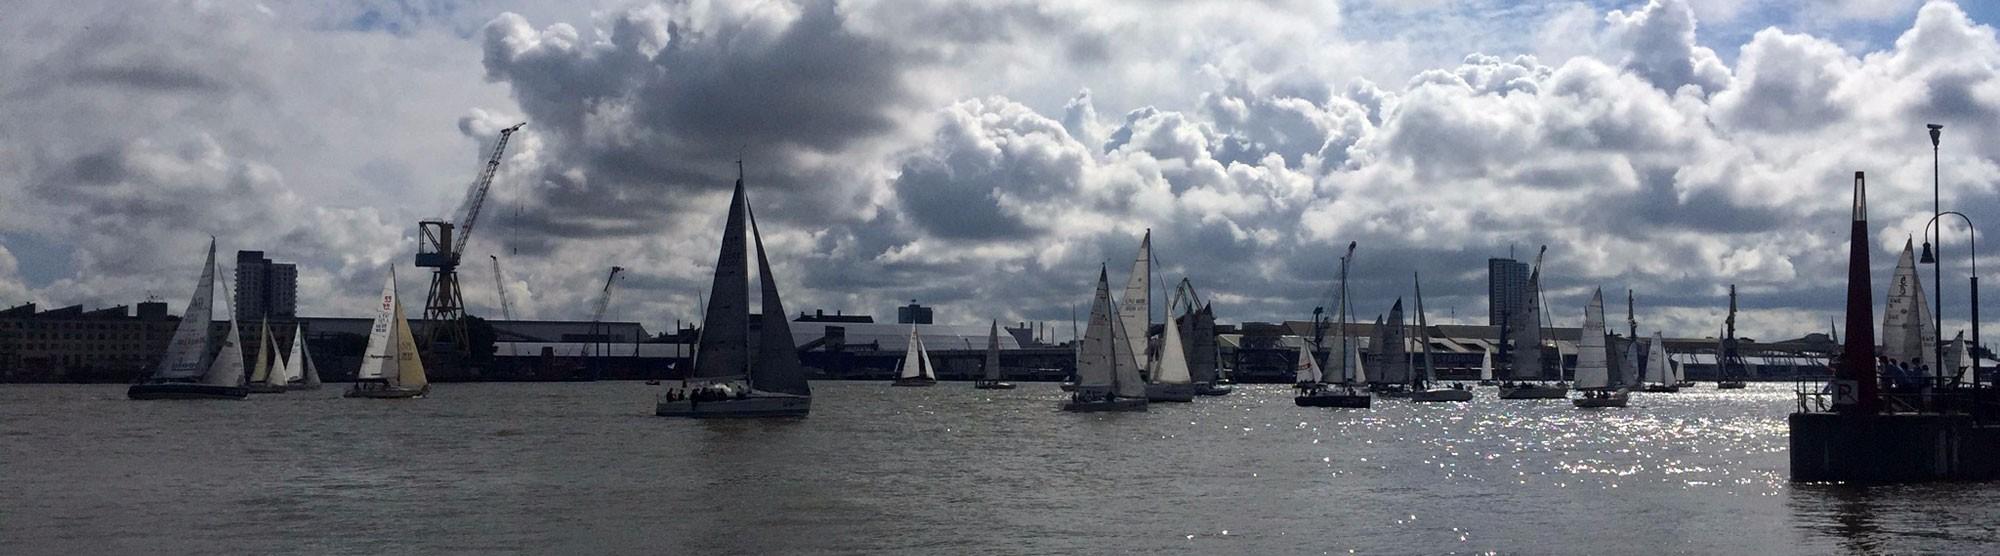 Smiltynės Jachtklubo uostas